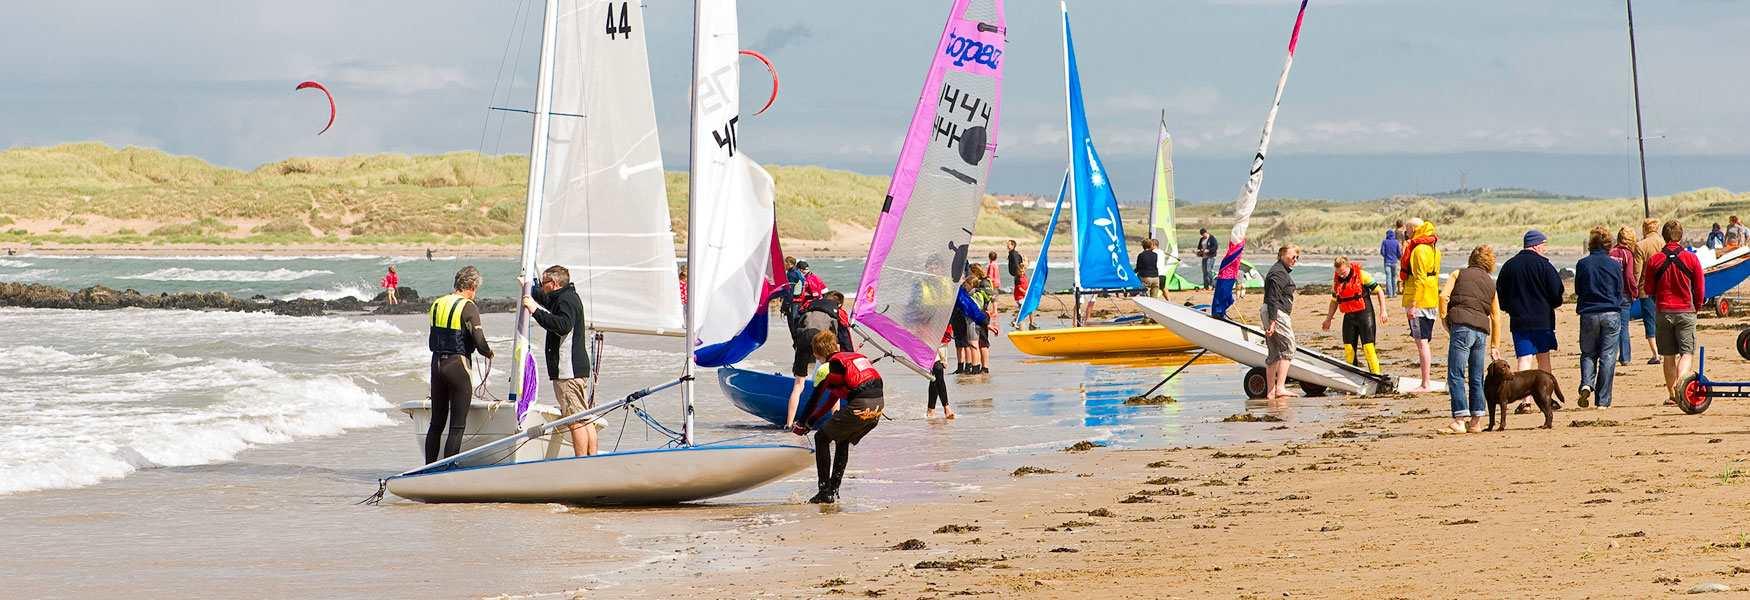 Set Sail to North Wales